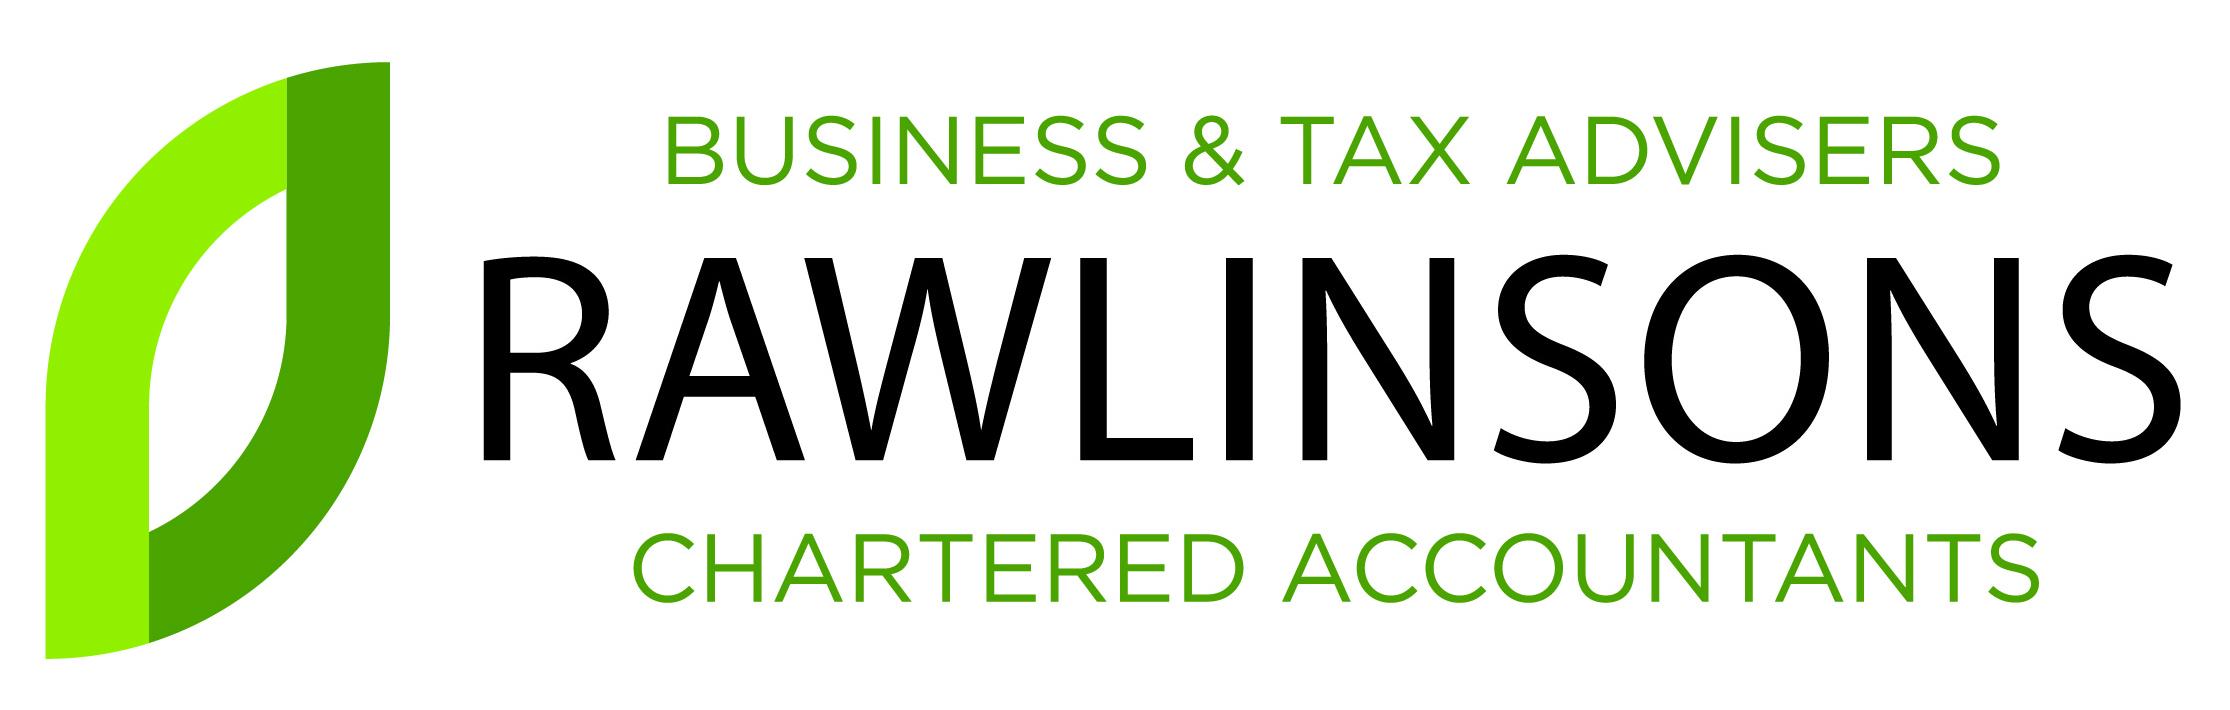 rawlinsons logo